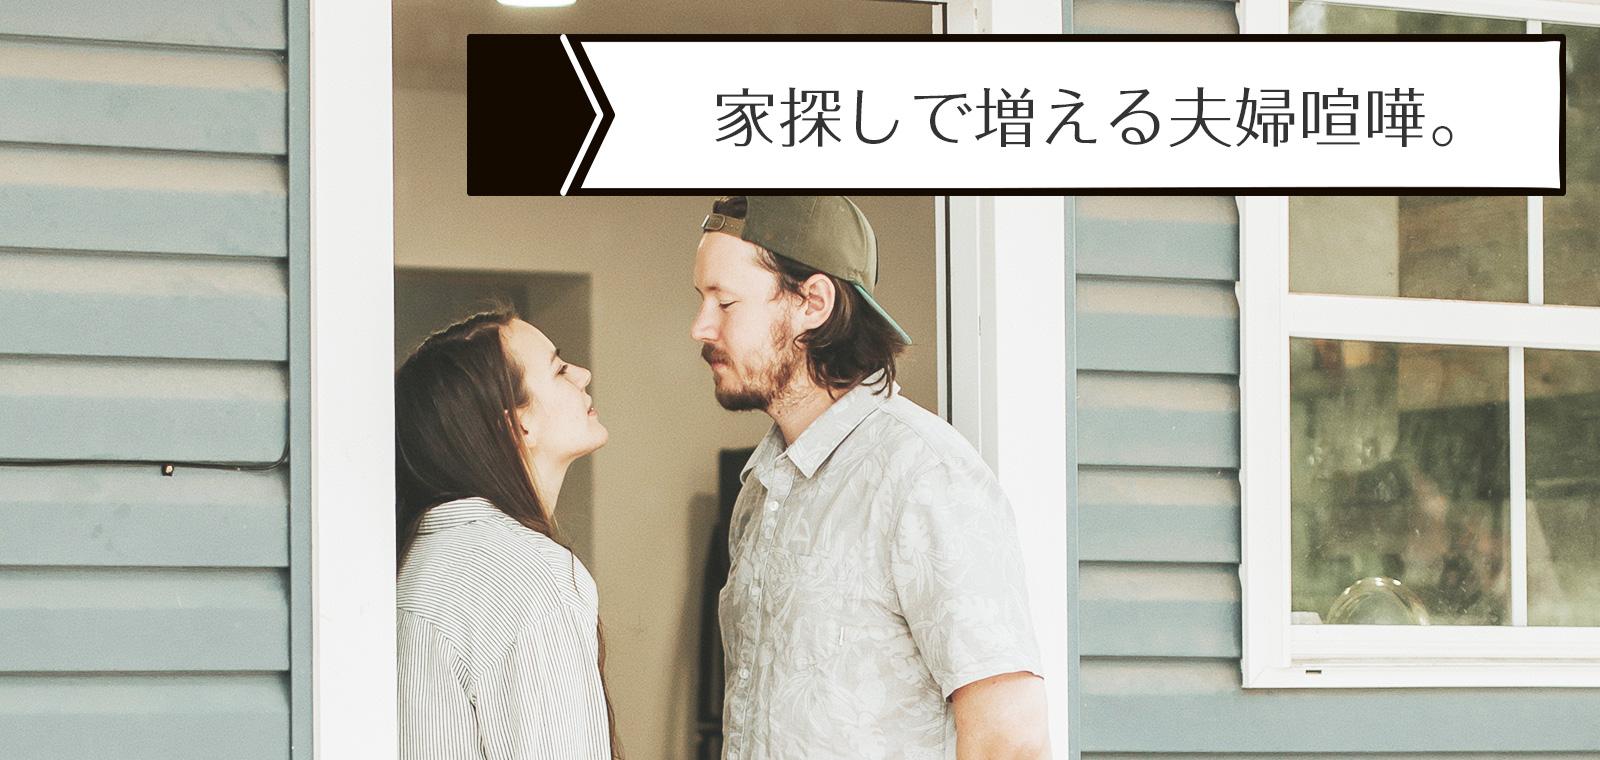 家探しで増える夫婦喧嘩。なぜ?対処法は?我が家の実際にあった喧嘩の話。